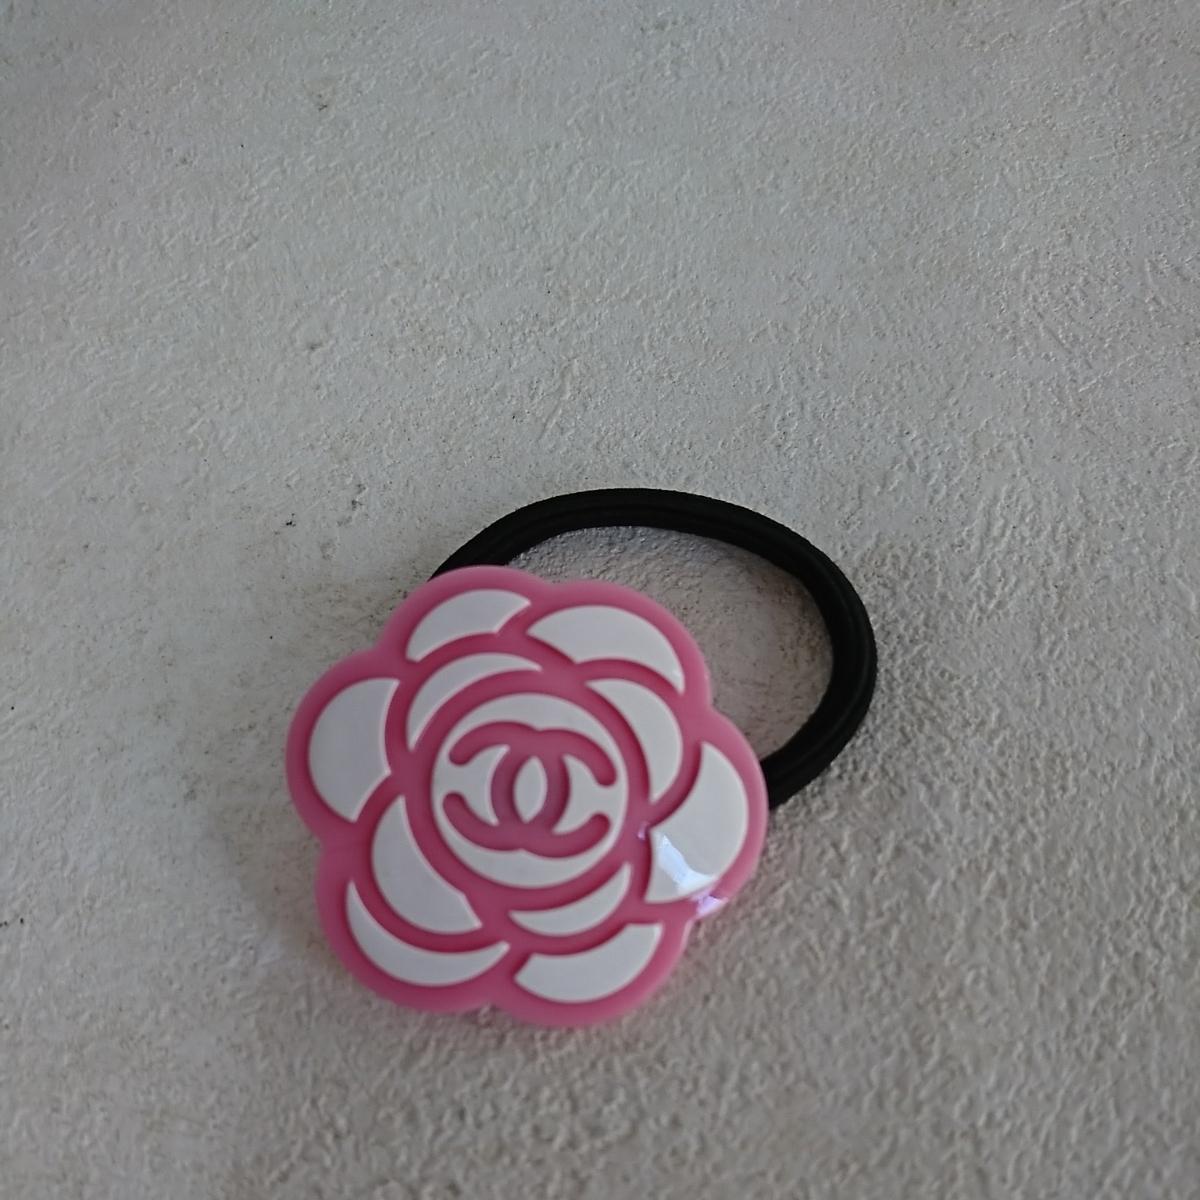 bb8f25051df7 CHANEL シャネル ココマーク 花 フラワーモチーフ ピンク ヘアゴム ヘアアクセサリー ノ